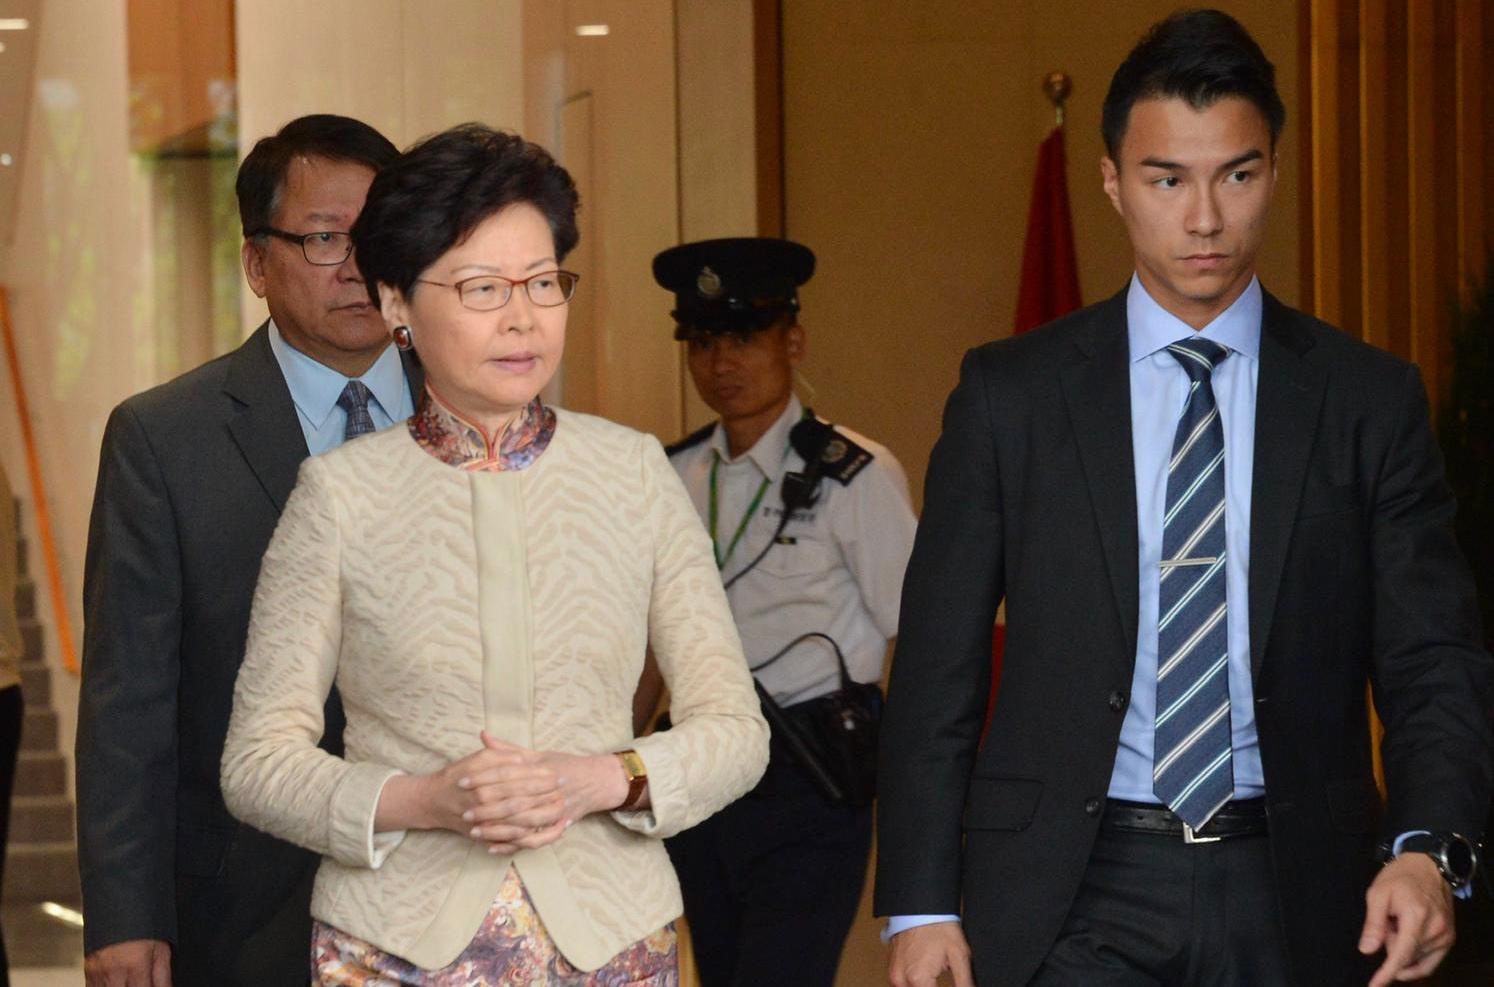 林郑月娥表示,有关修例会削弱本港法治和损害自由的忧虑无根据。